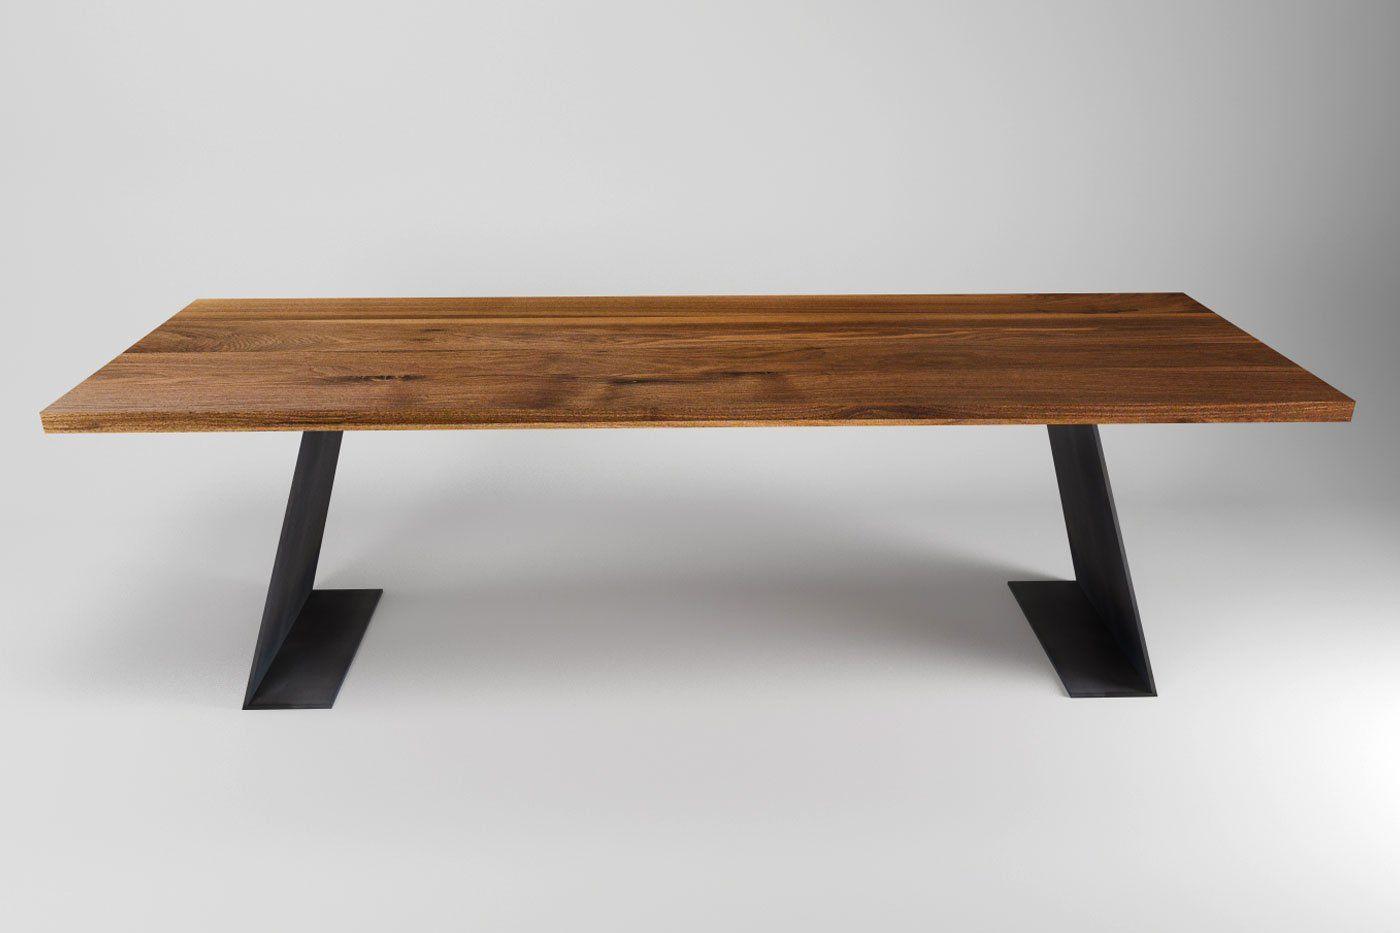 Nussbaum Tisch Farum Modern Nach Mass Wohnsektion Nussbaum Tisch Tisch Esstisch Design